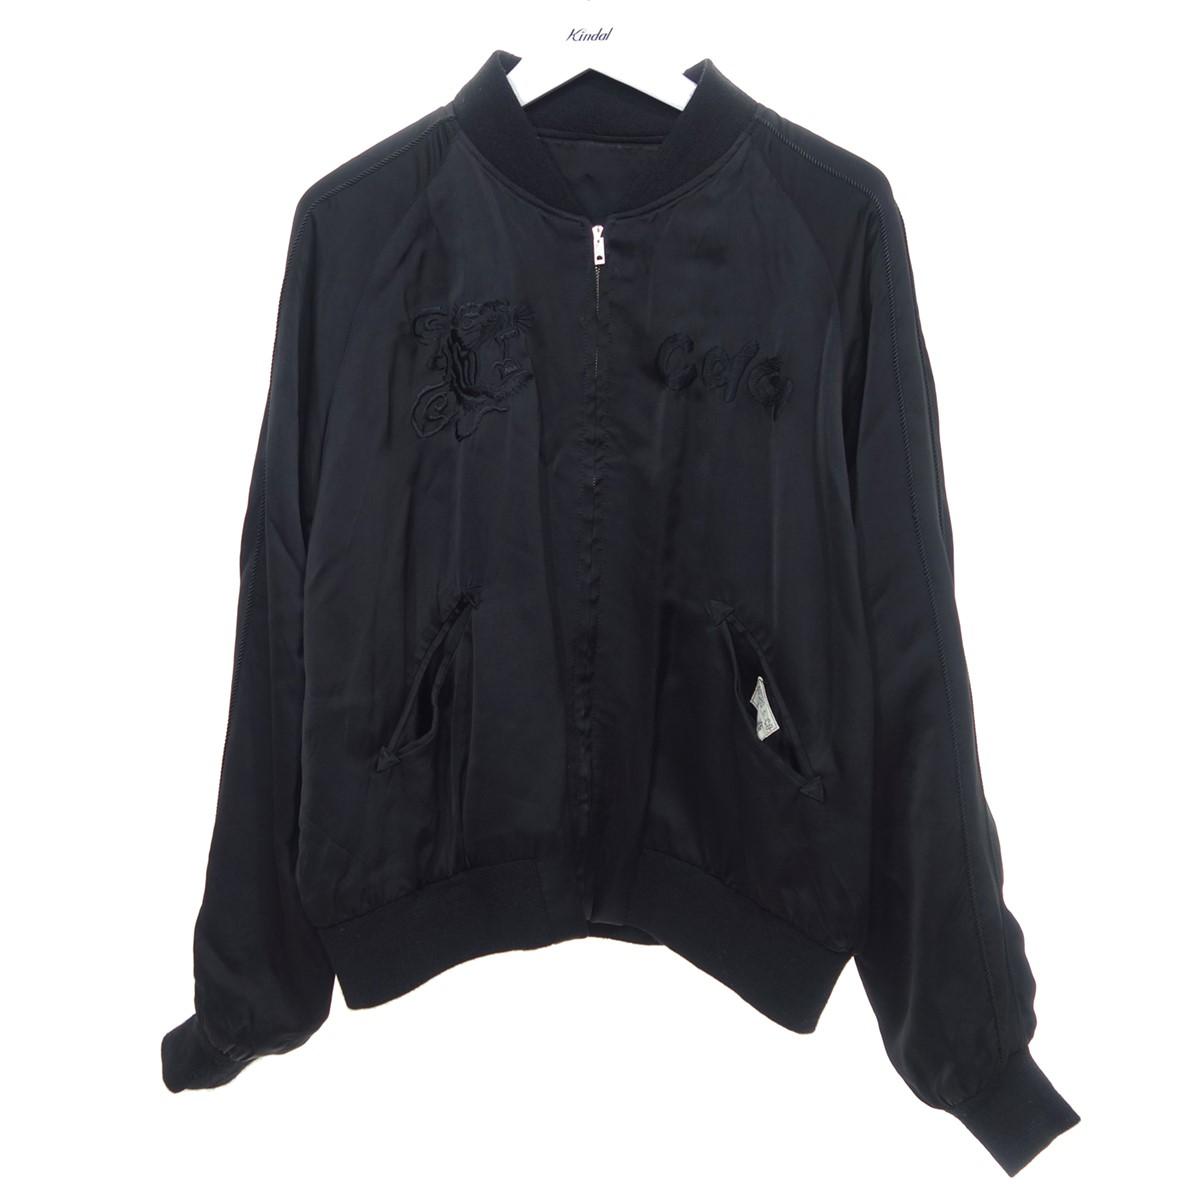 【中古】COMME des GARCONS ×港商 リバーシブルスカジャン ブラック サイズ:XXL 【180720】(コムデギャルソン)